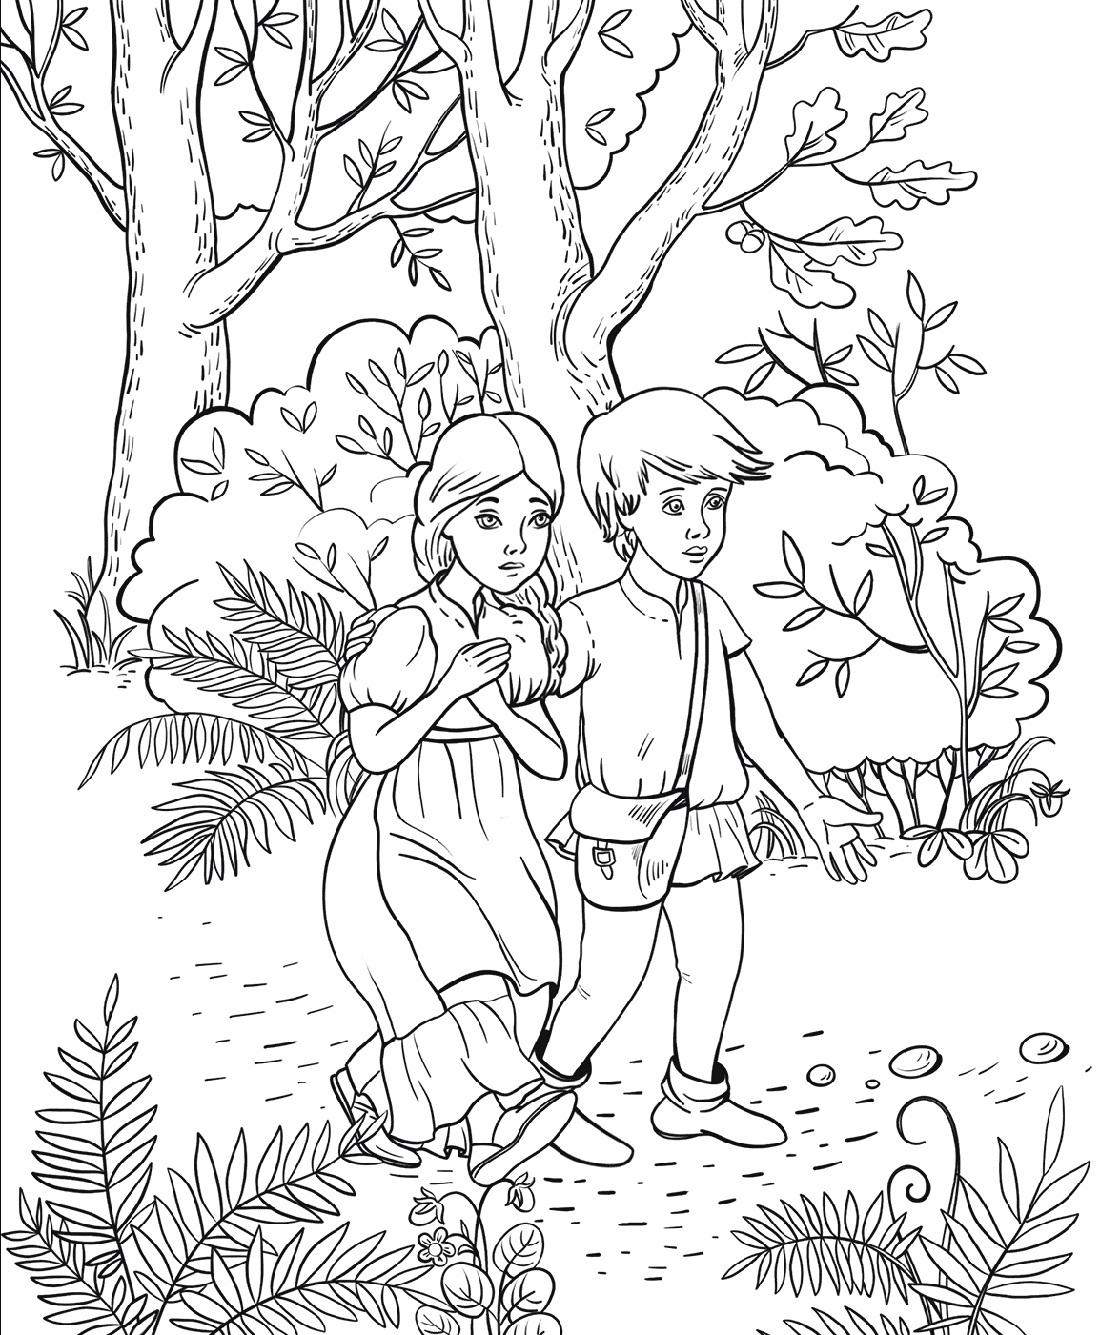 Hansel and Gretel Activities for Preschool